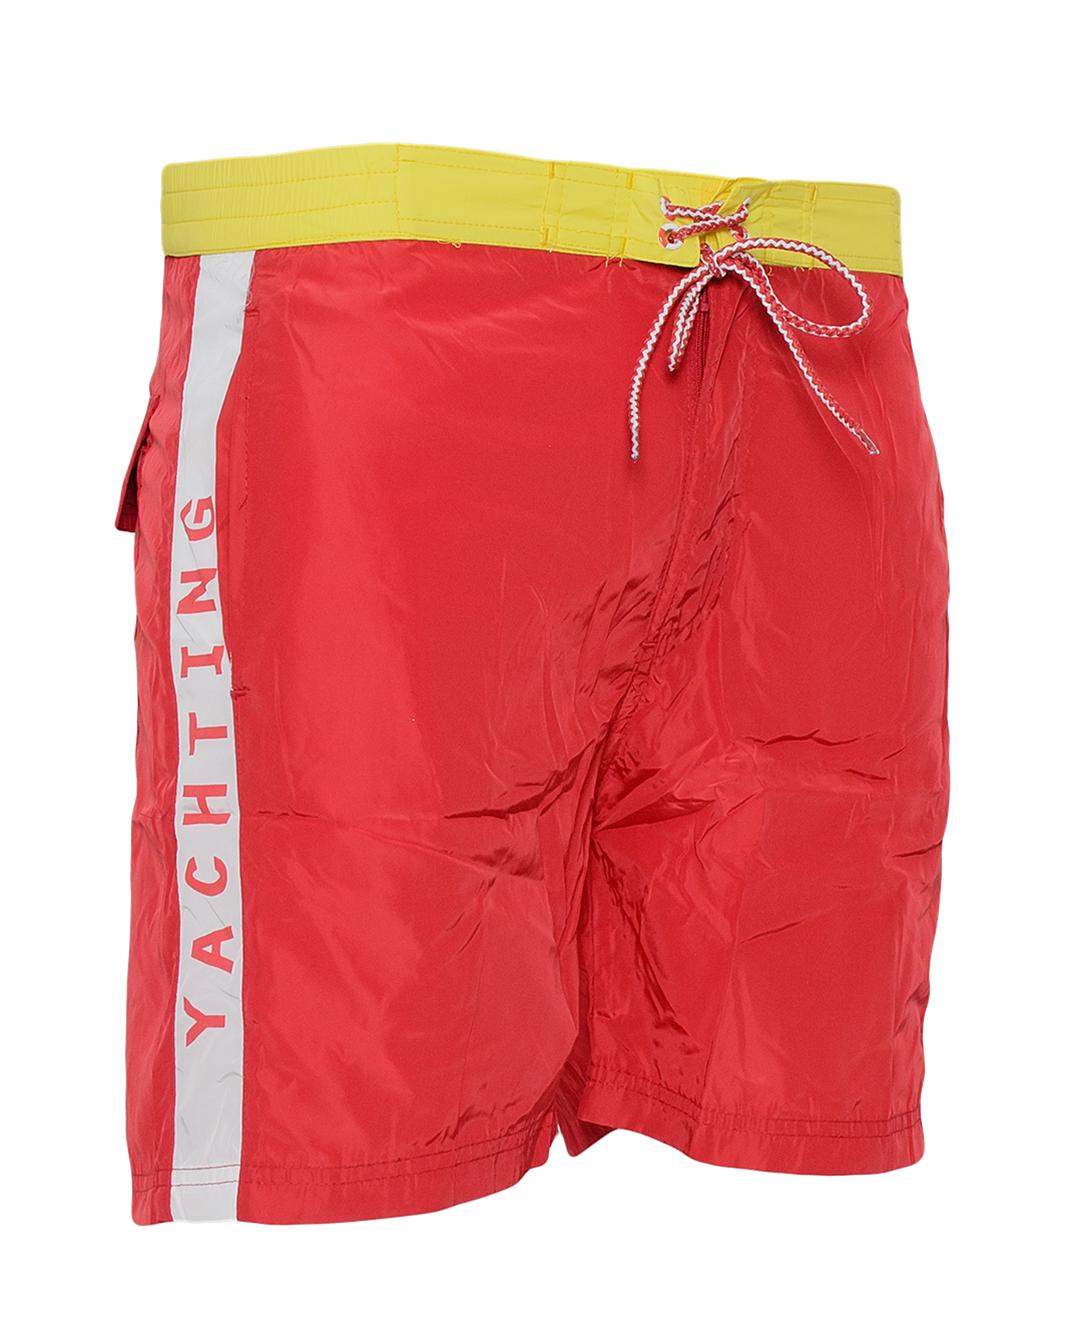 Ανδρικό Μαγιώ Red Yachting αρχική ανδρικά ρούχα επιλογή ανά προϊόν μαγιό